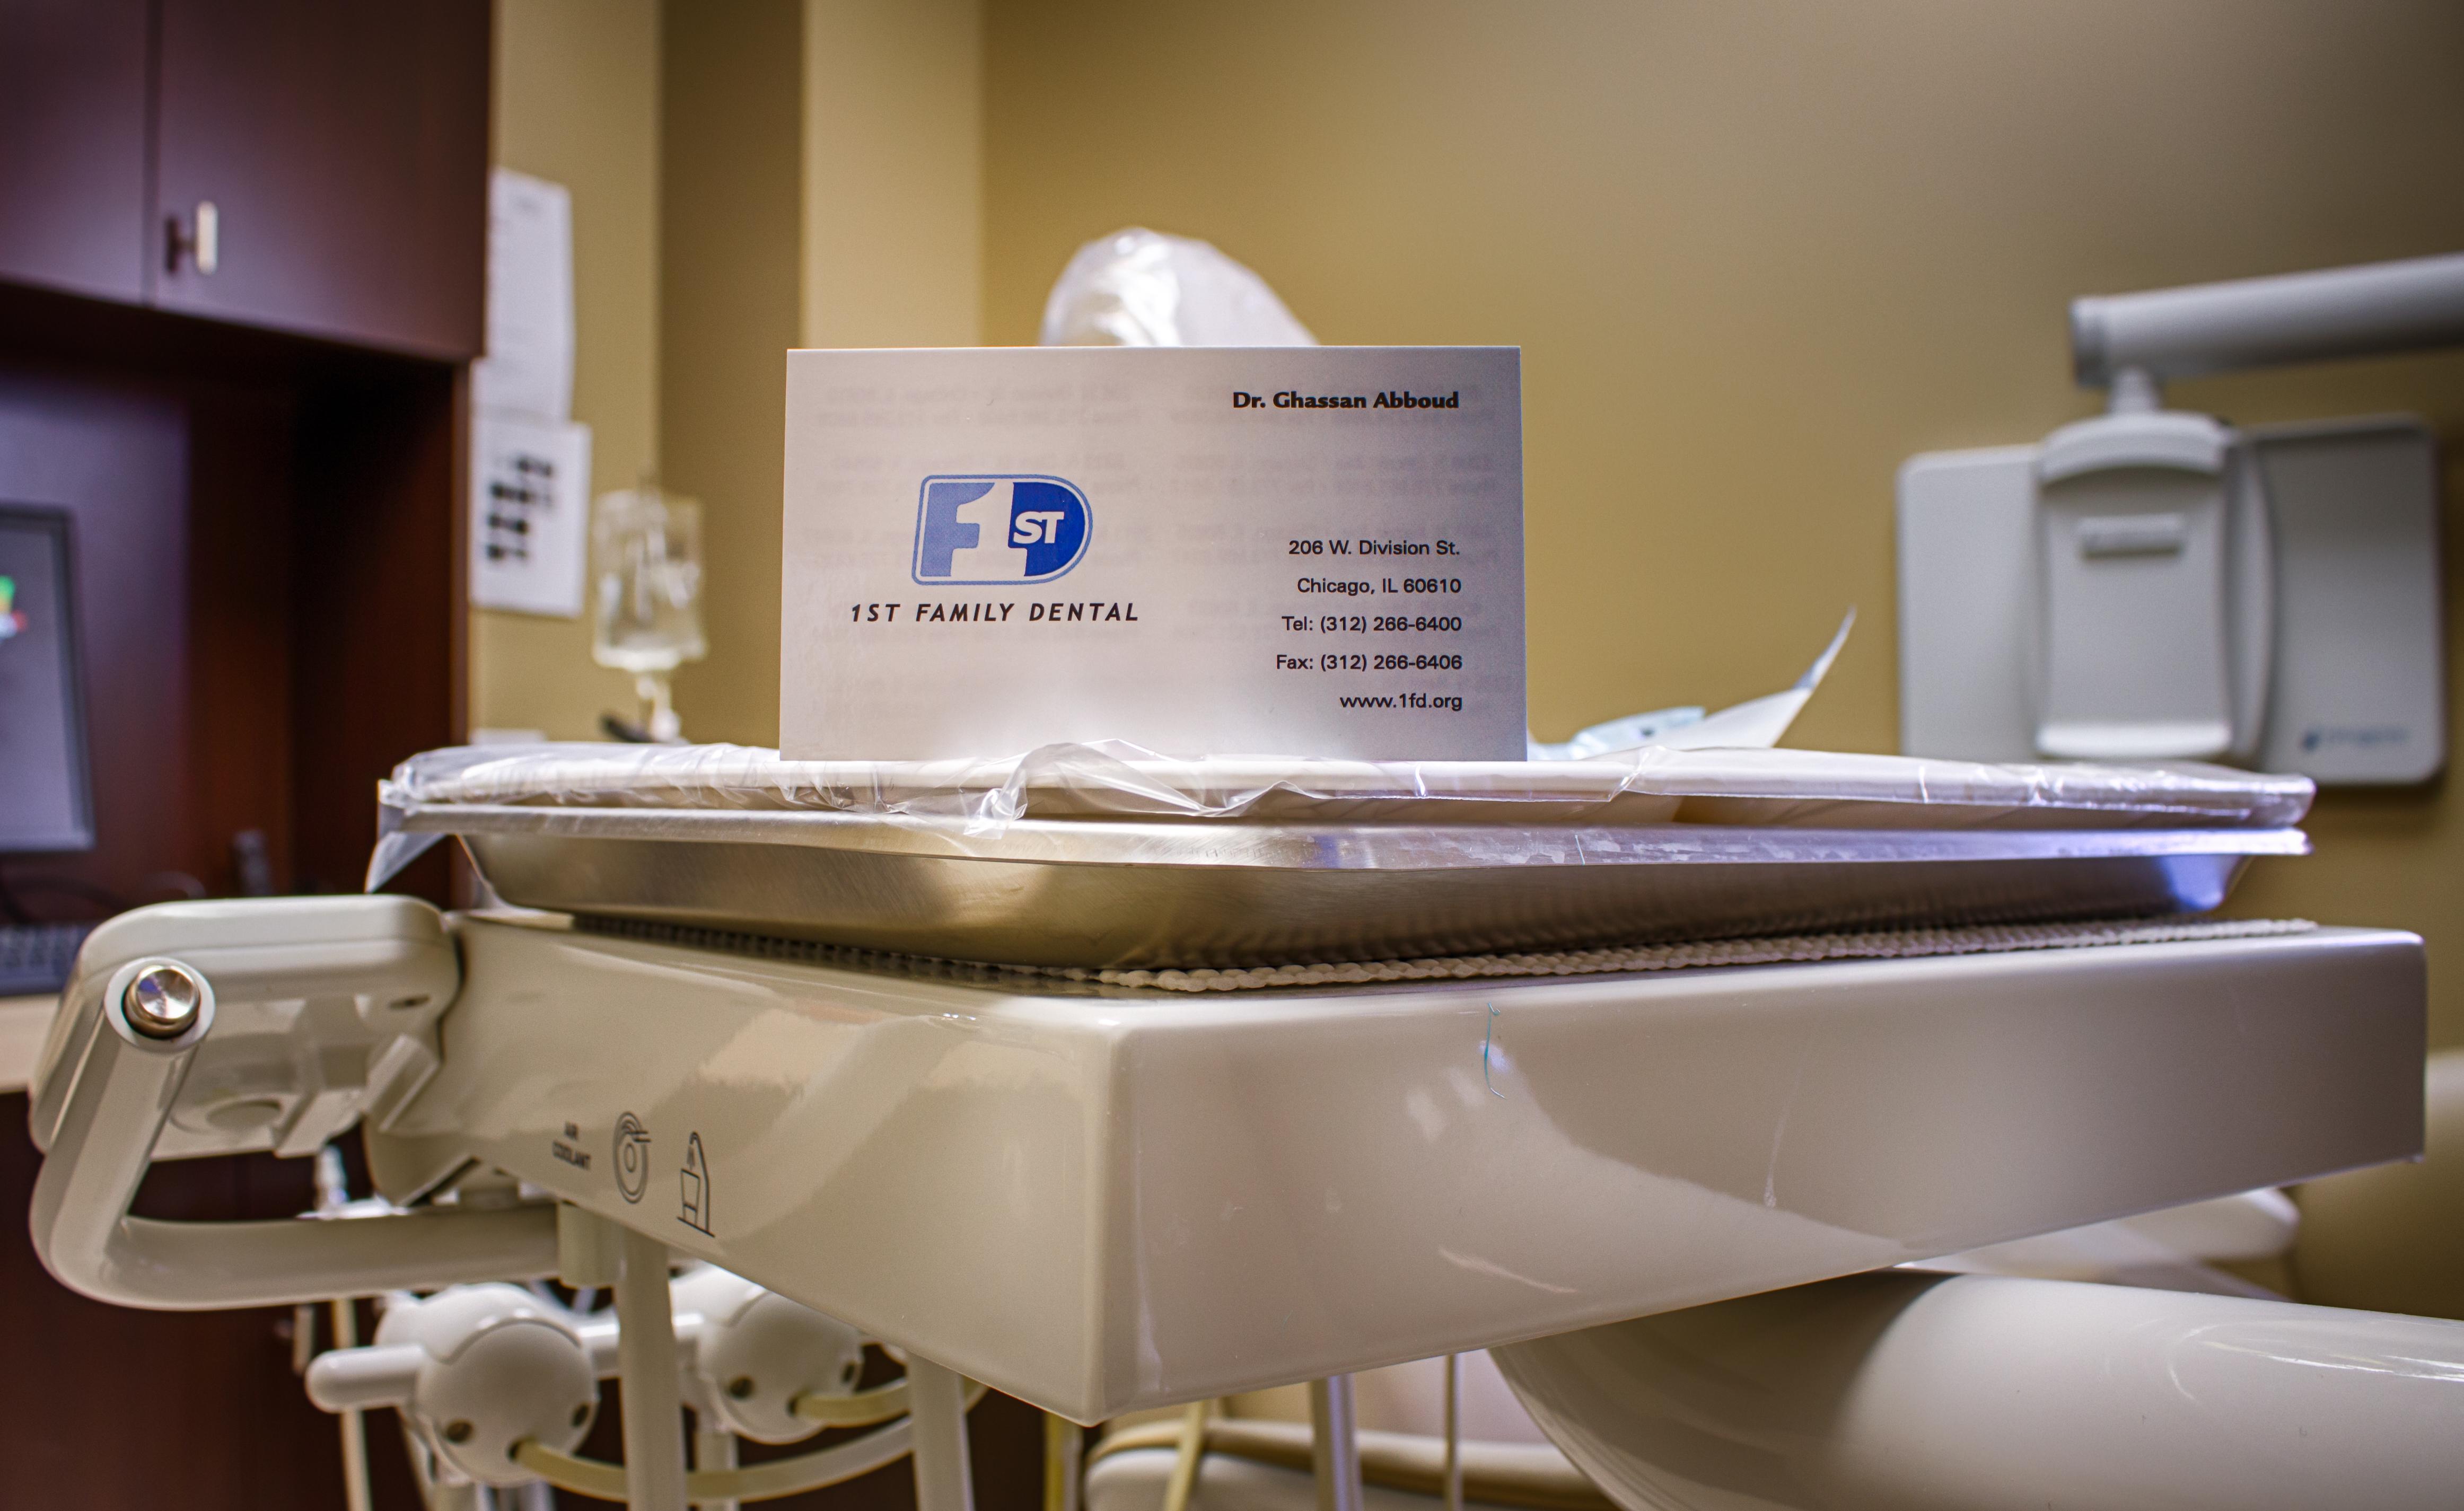 1st Family Dental of Chicago image 23